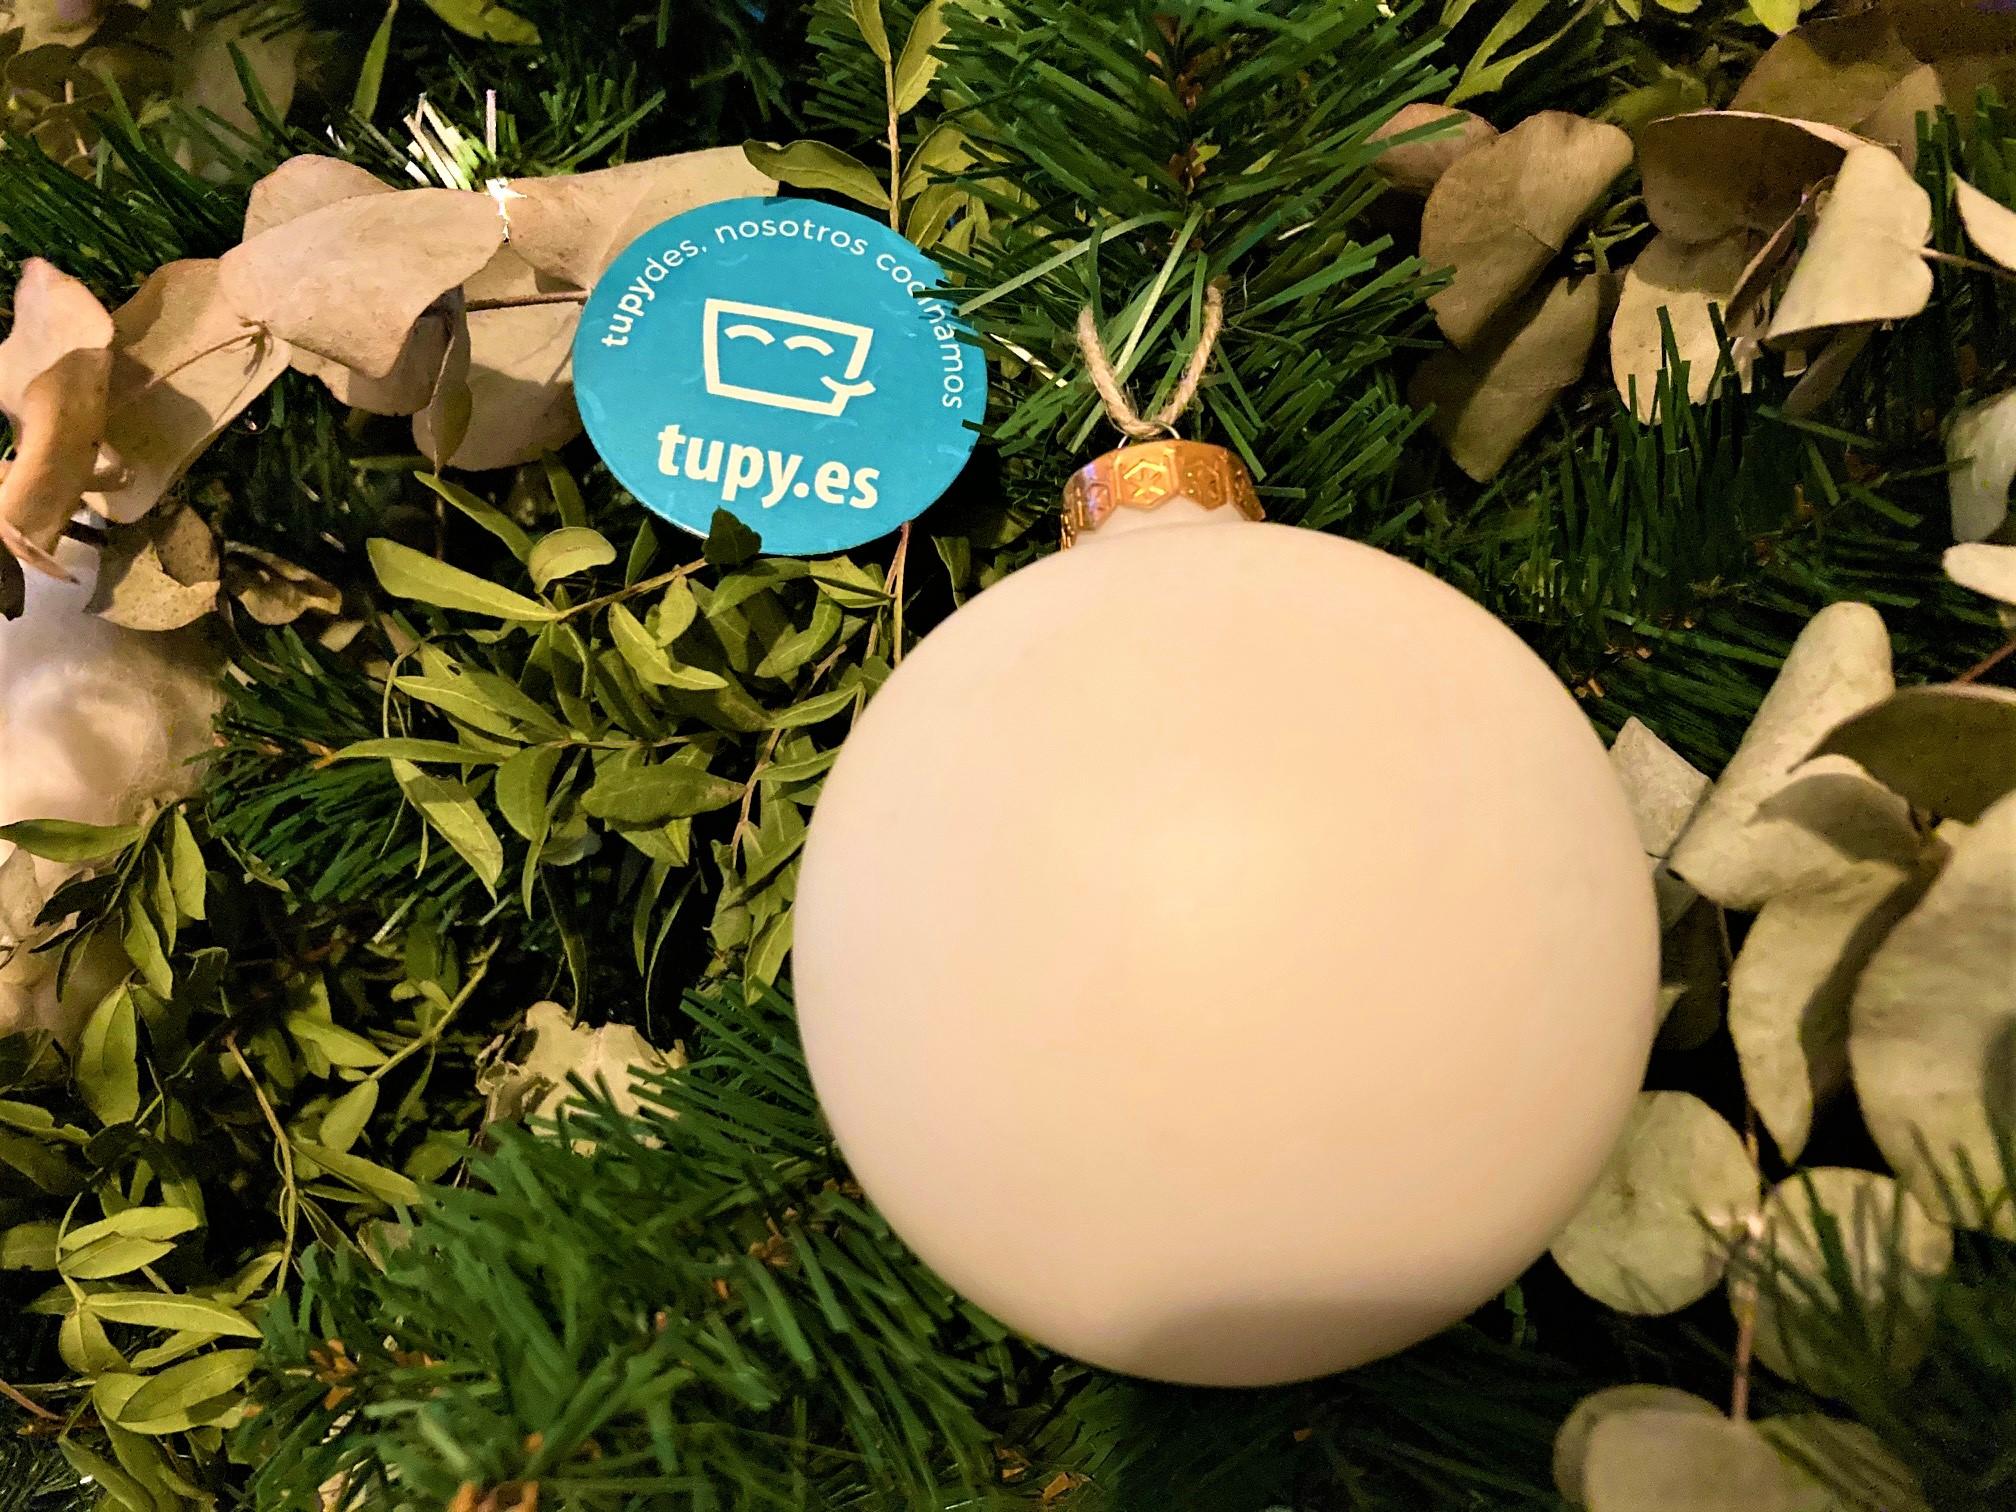 Tupy os desea Feliz Navidad - De todo el equipo de Tupy - El tazón maravilla - Navidad 2020 - Navidad con Tupy